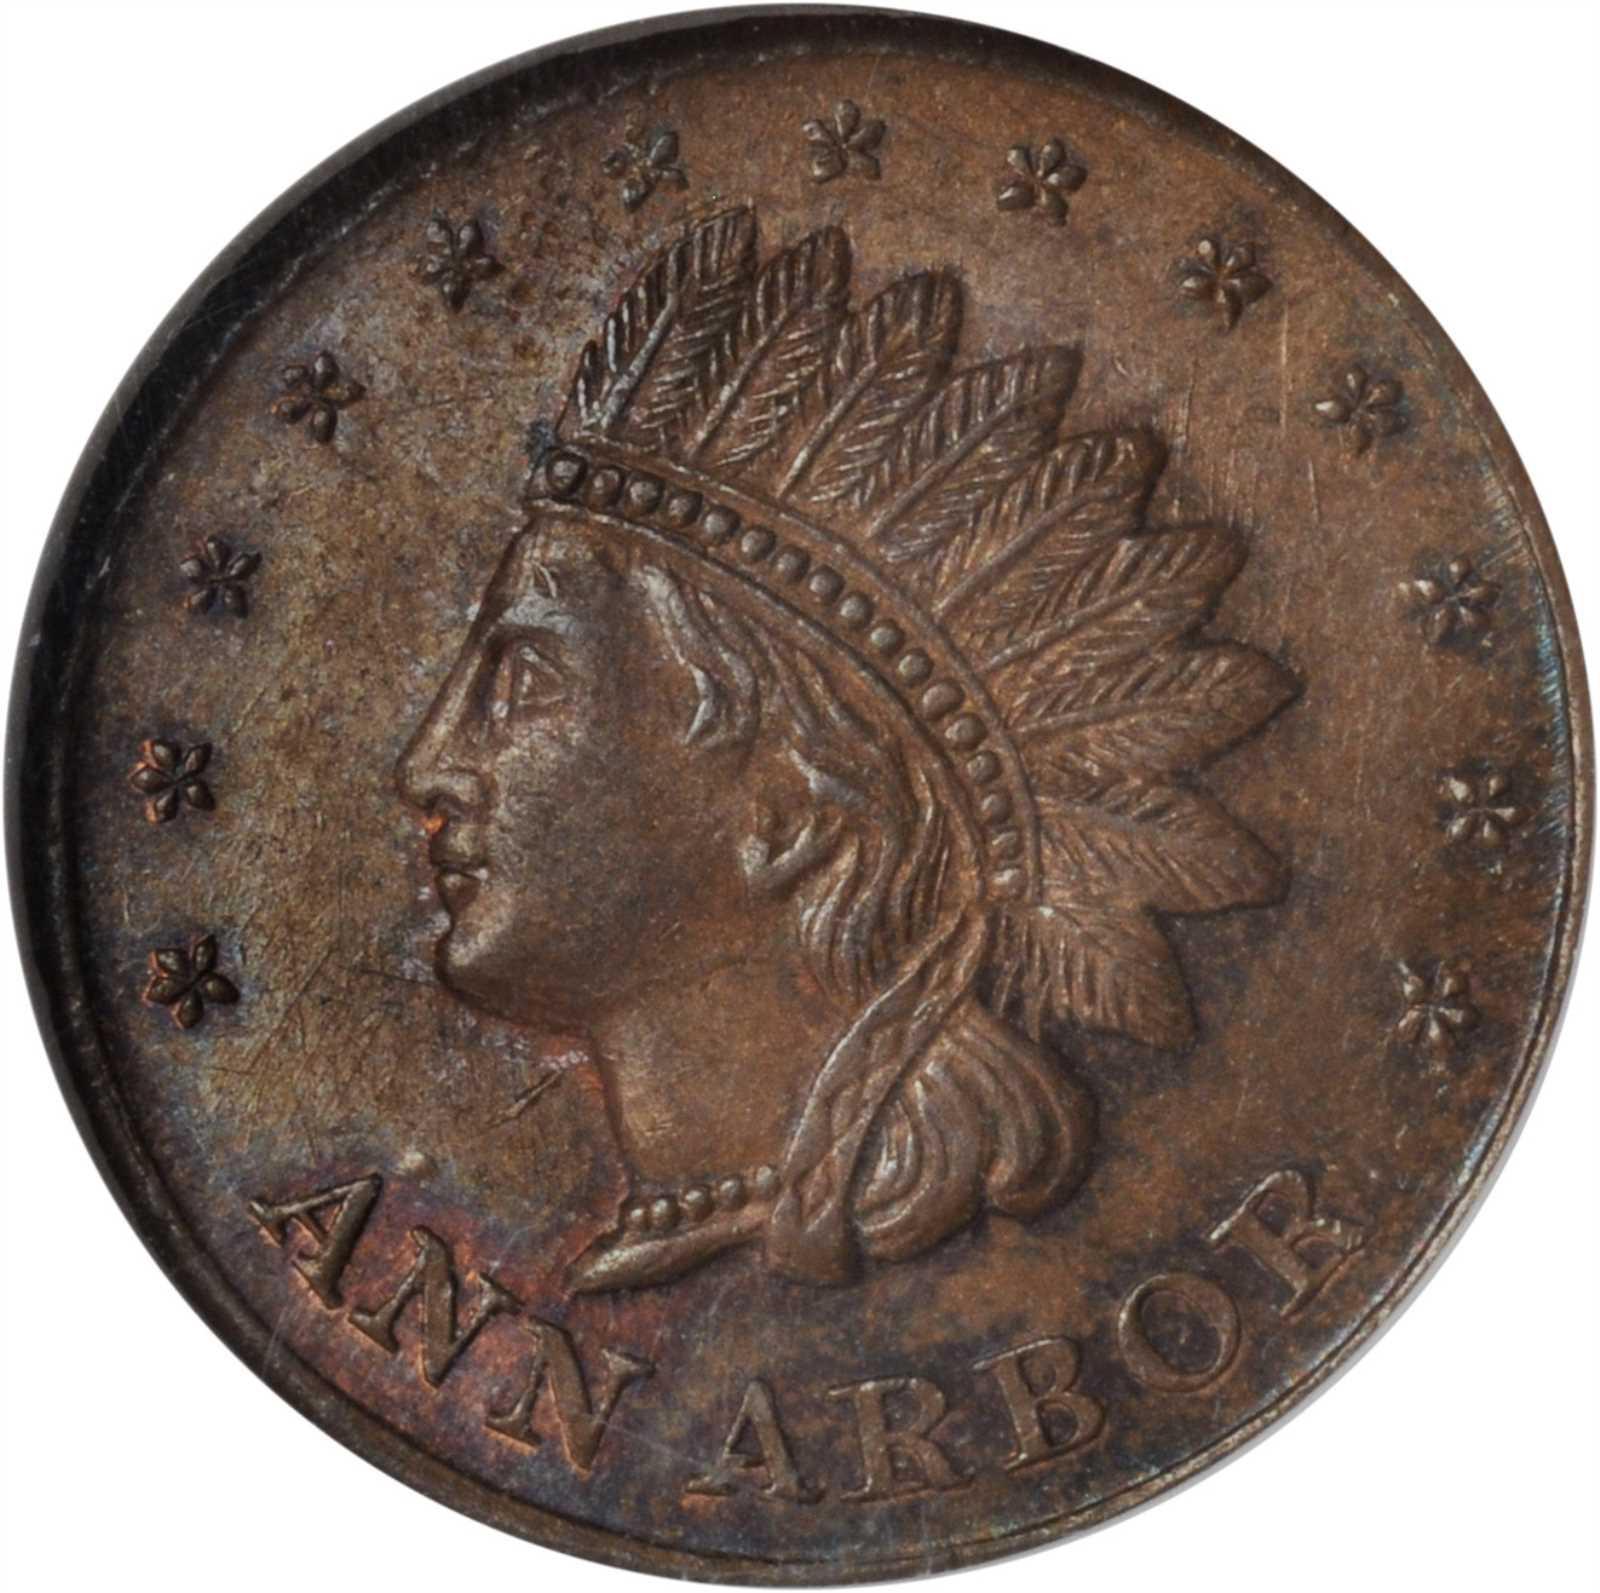 War nickels